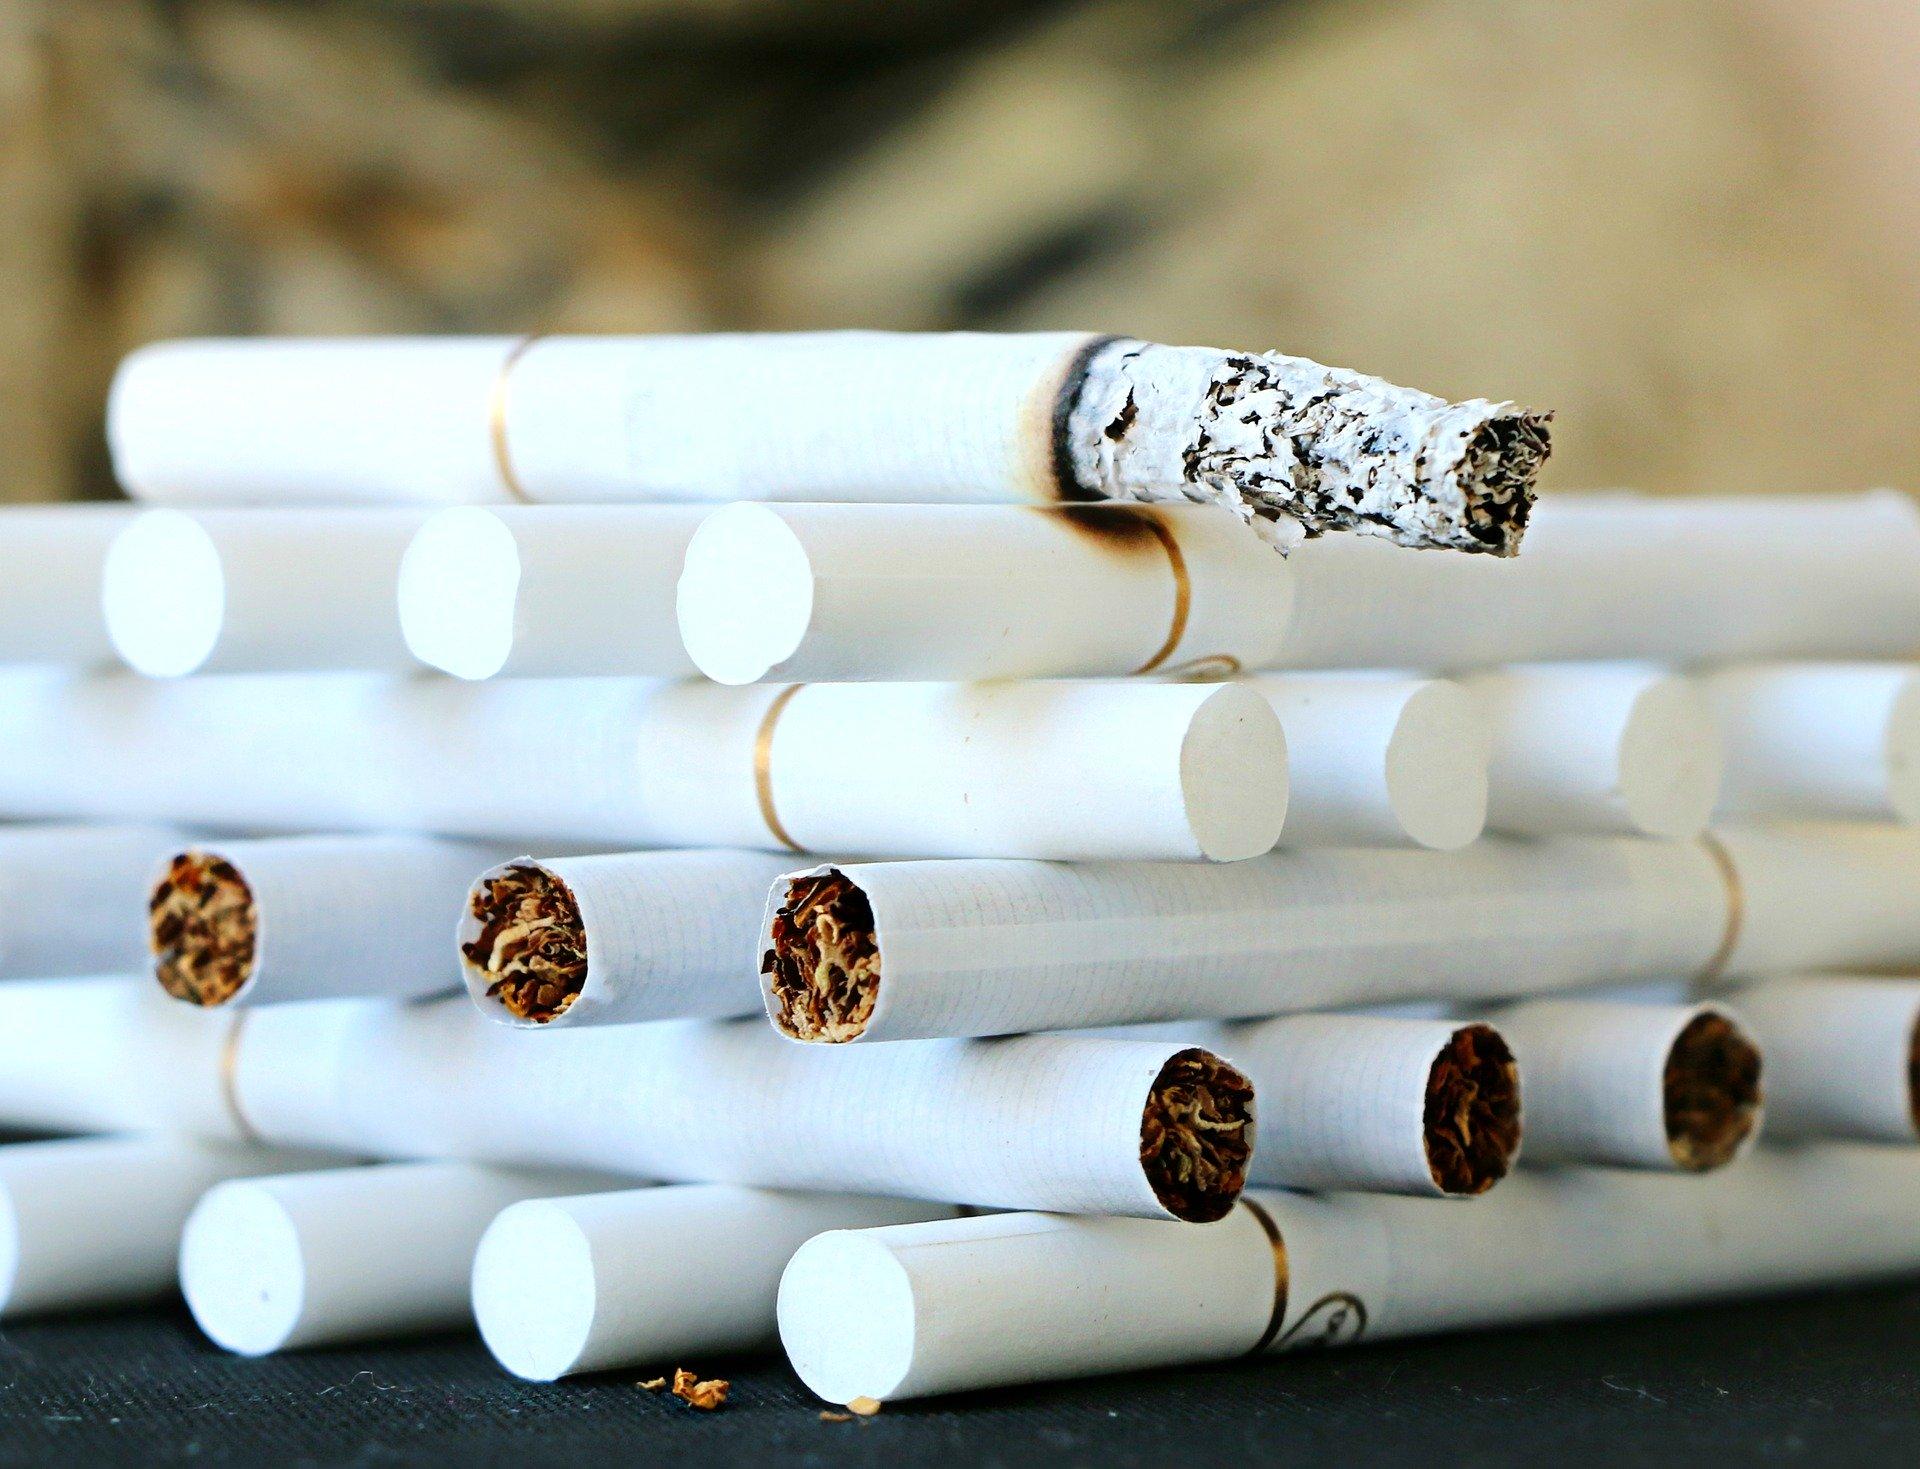 Mentol zigarroak dendetatik desagertuko dira maiatzaren 20an.  Zein alternatiba egongo dira erretzaileen eskura?